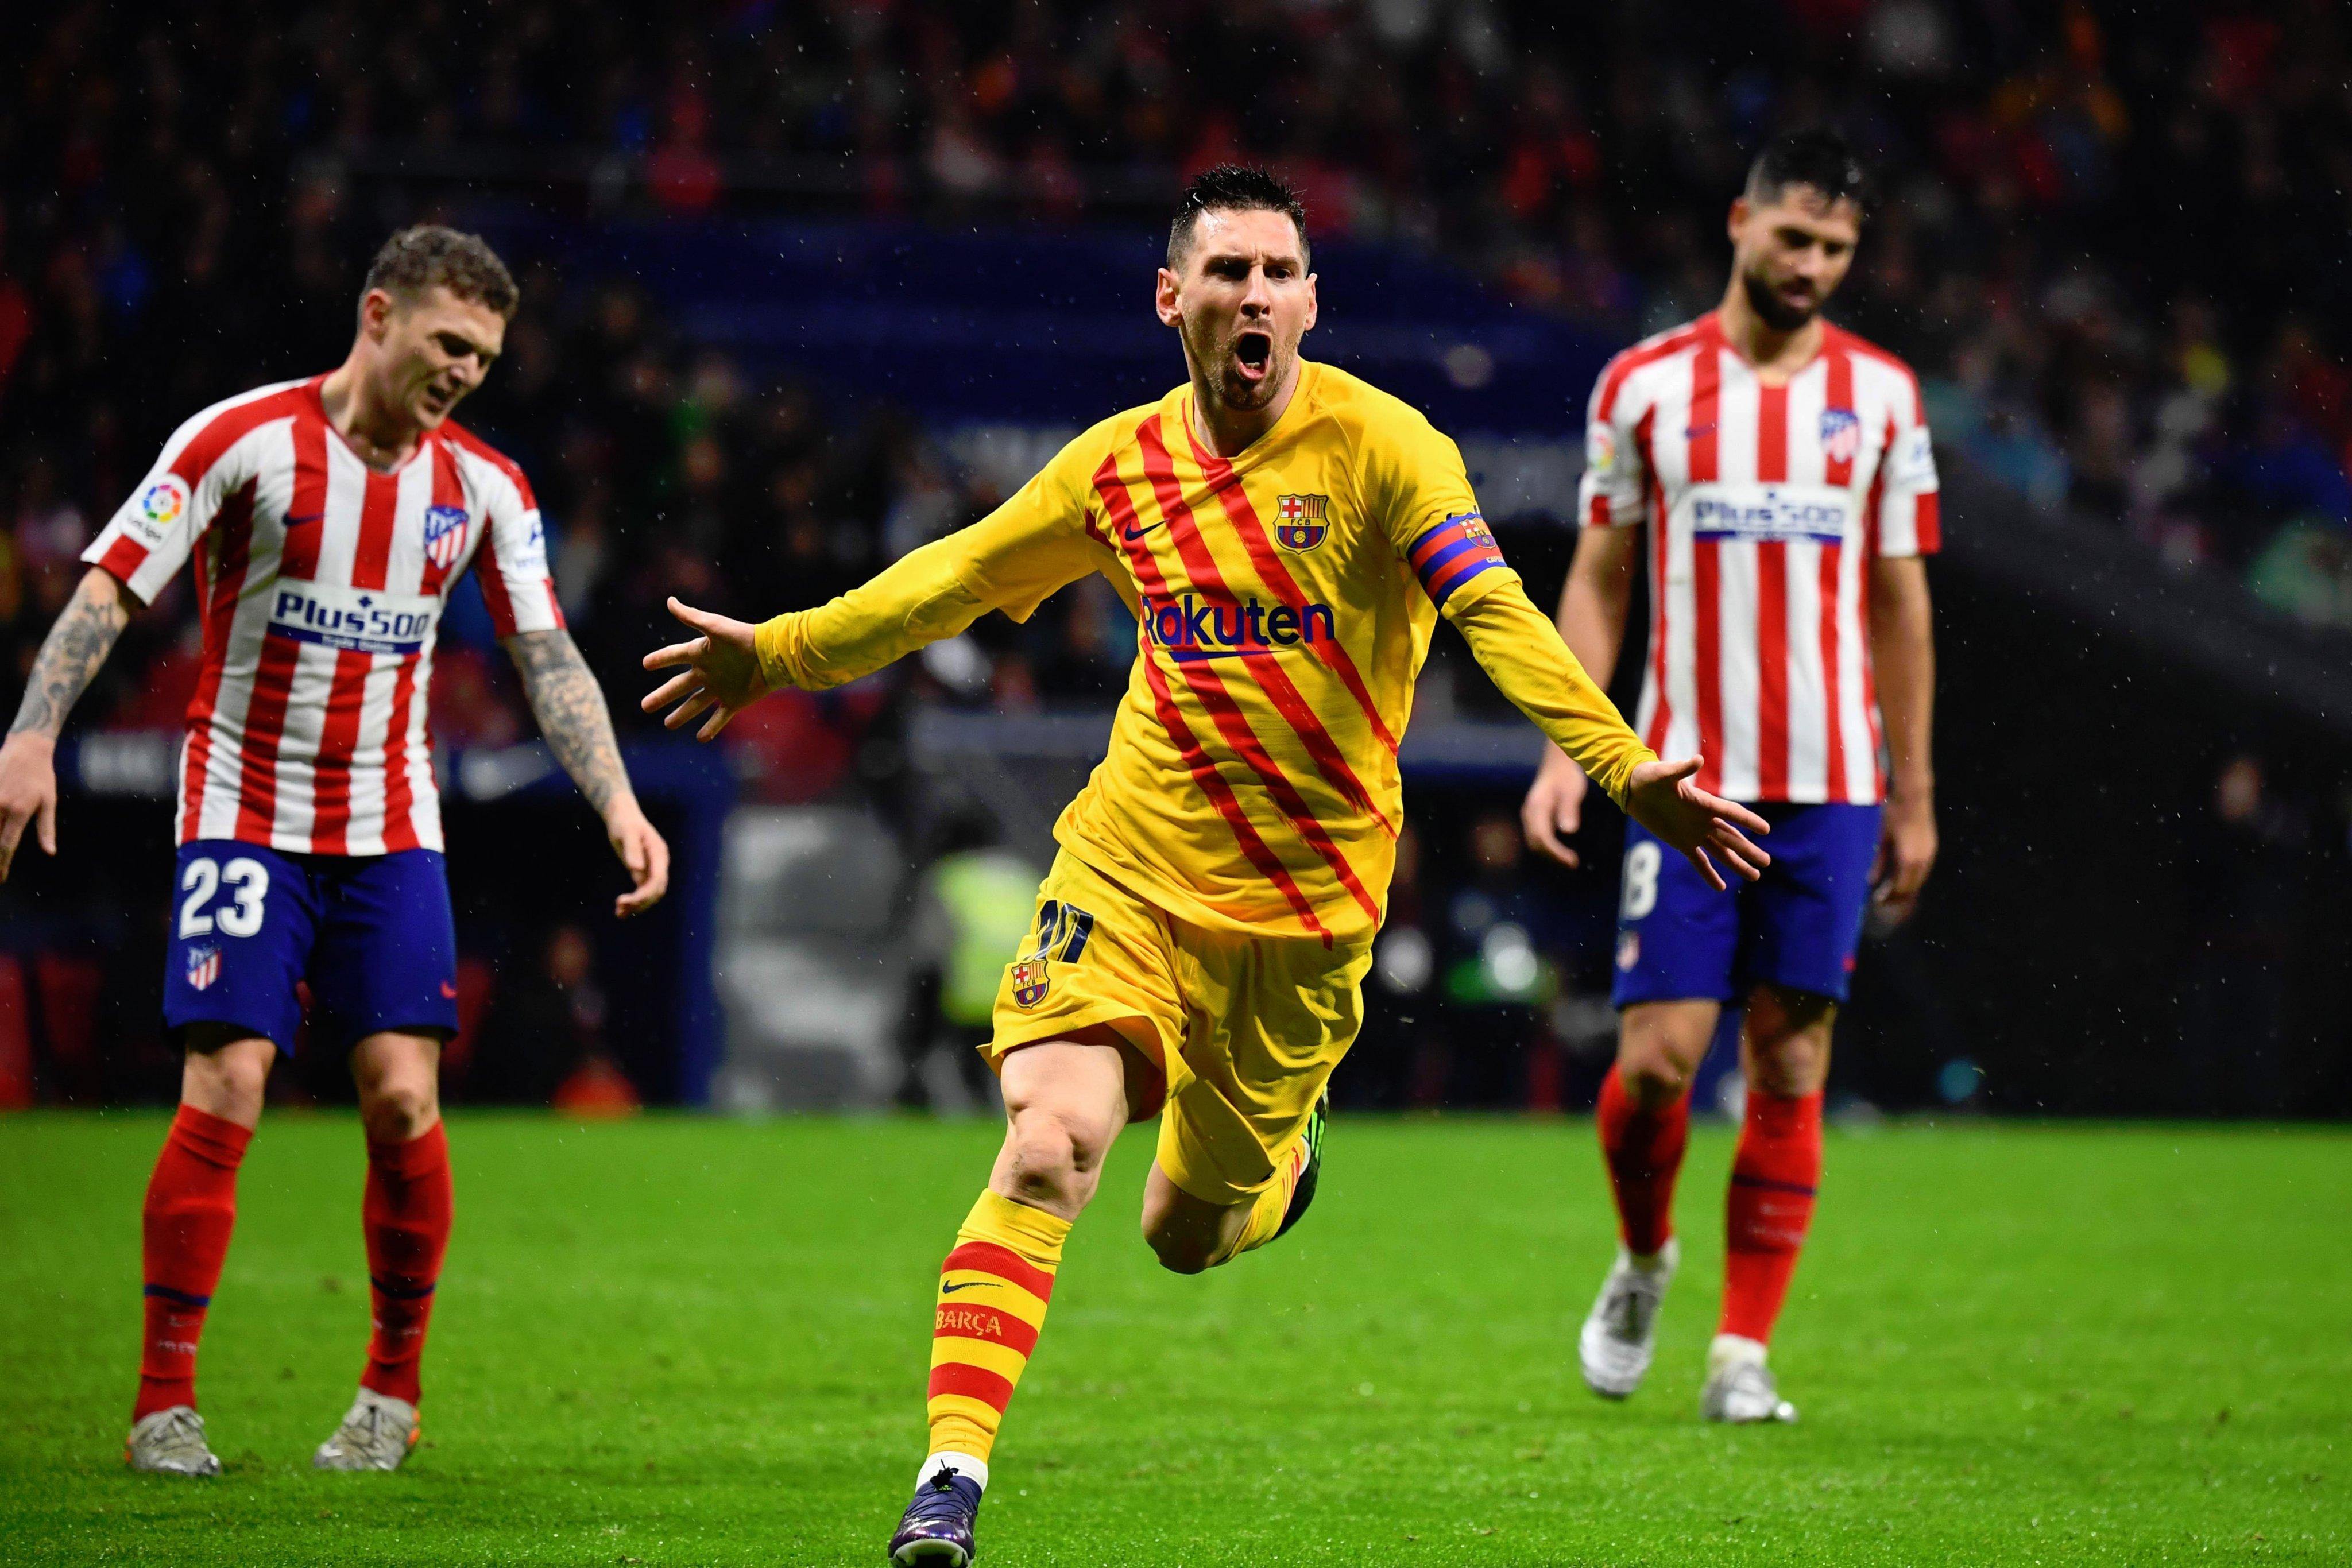 ميسي يقود برشلونة للفوز امام اتليتكو مدريد واستعادة الصدارة على واندا ميتروبوليتانو